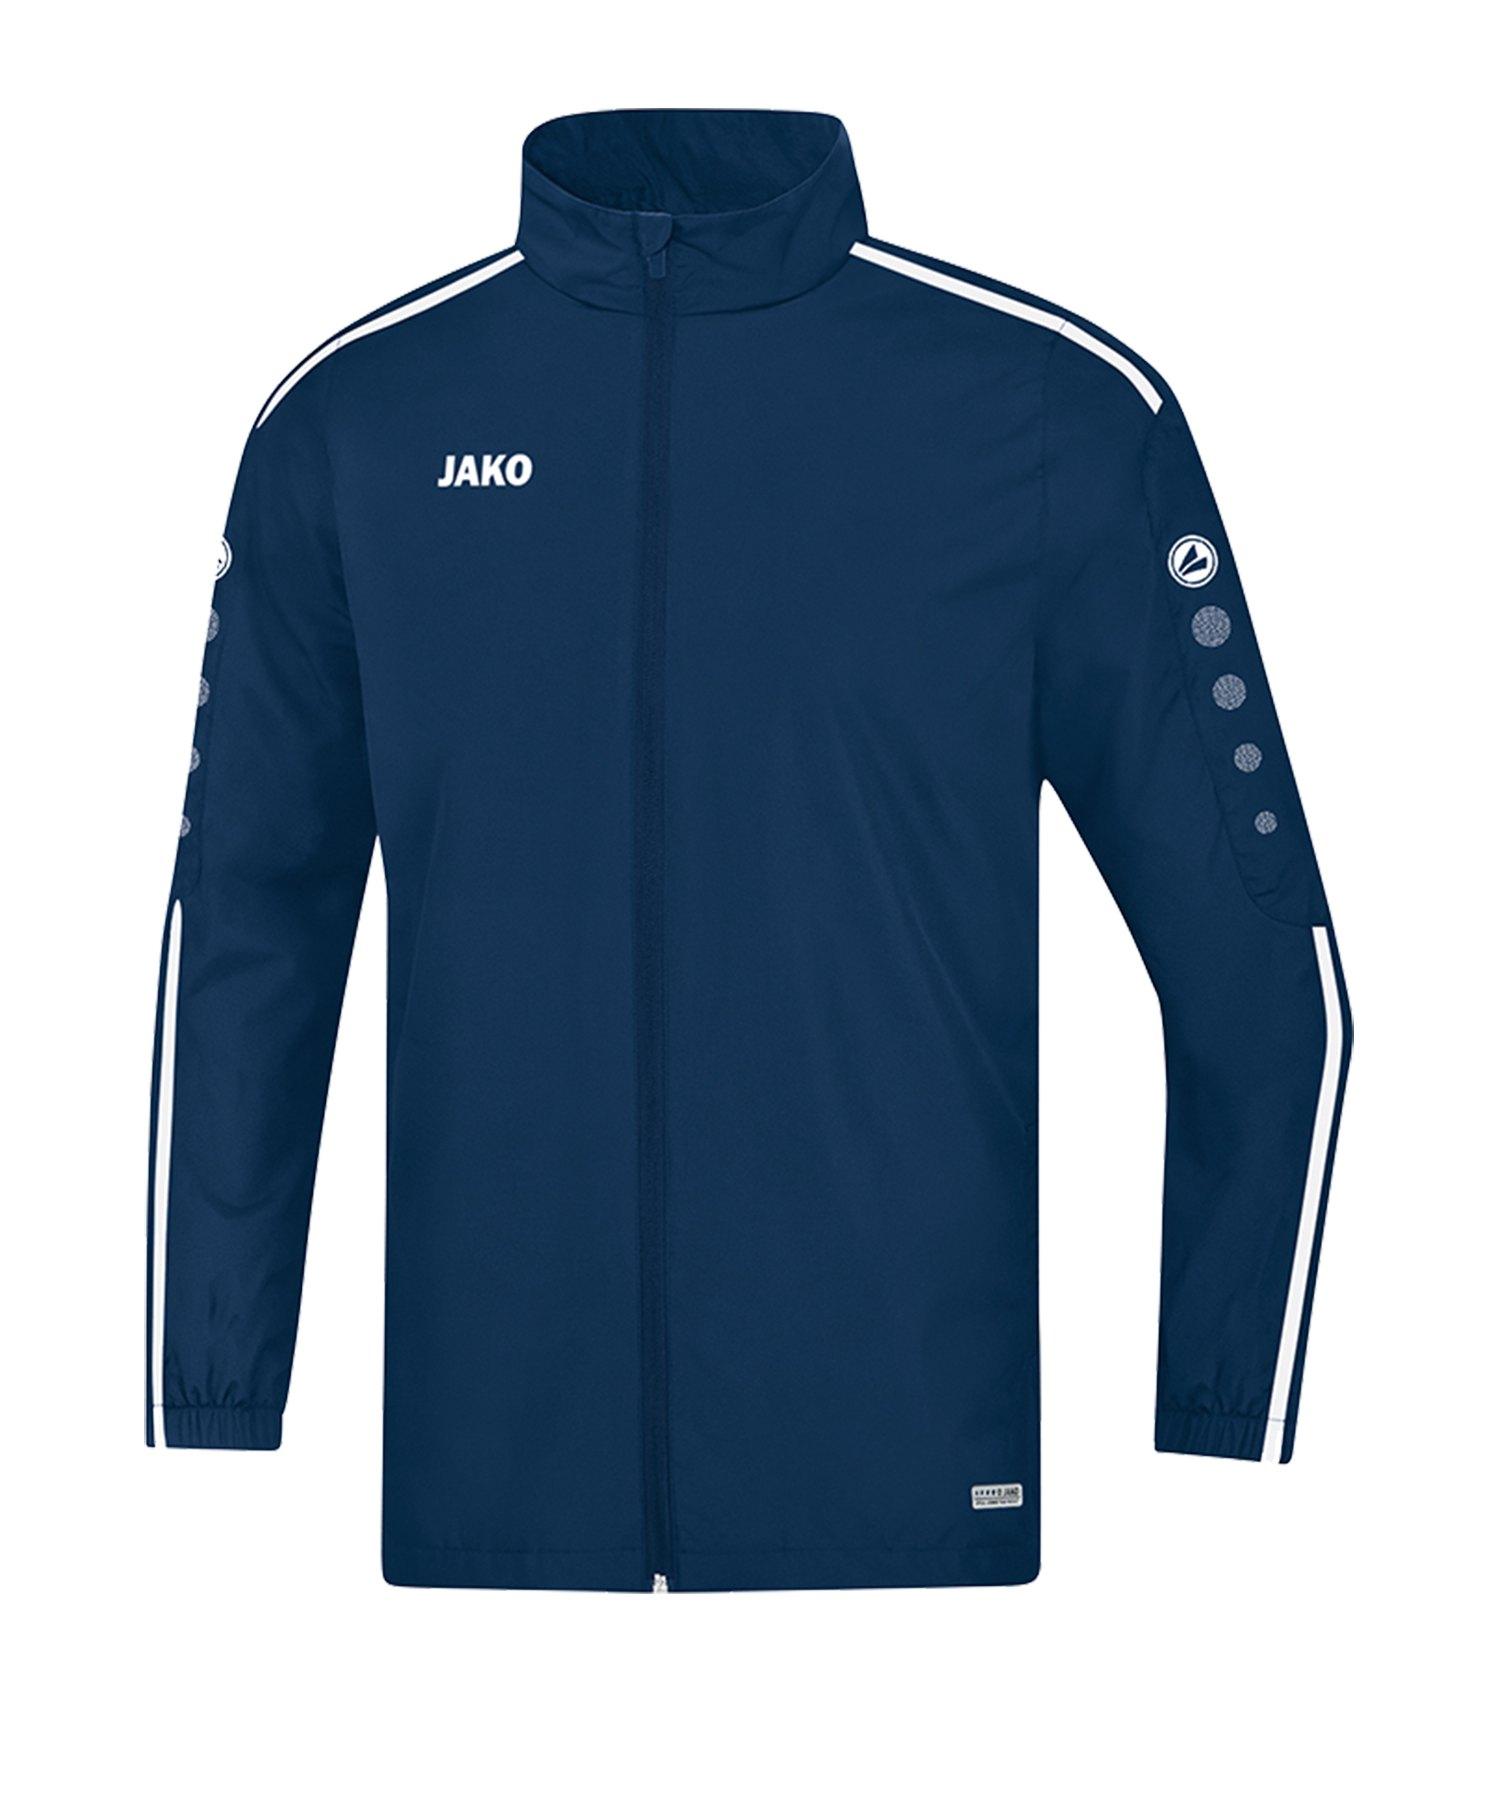 Jako Striker 2.0 Allwetterjacke Blau Weiss F99 - Blau